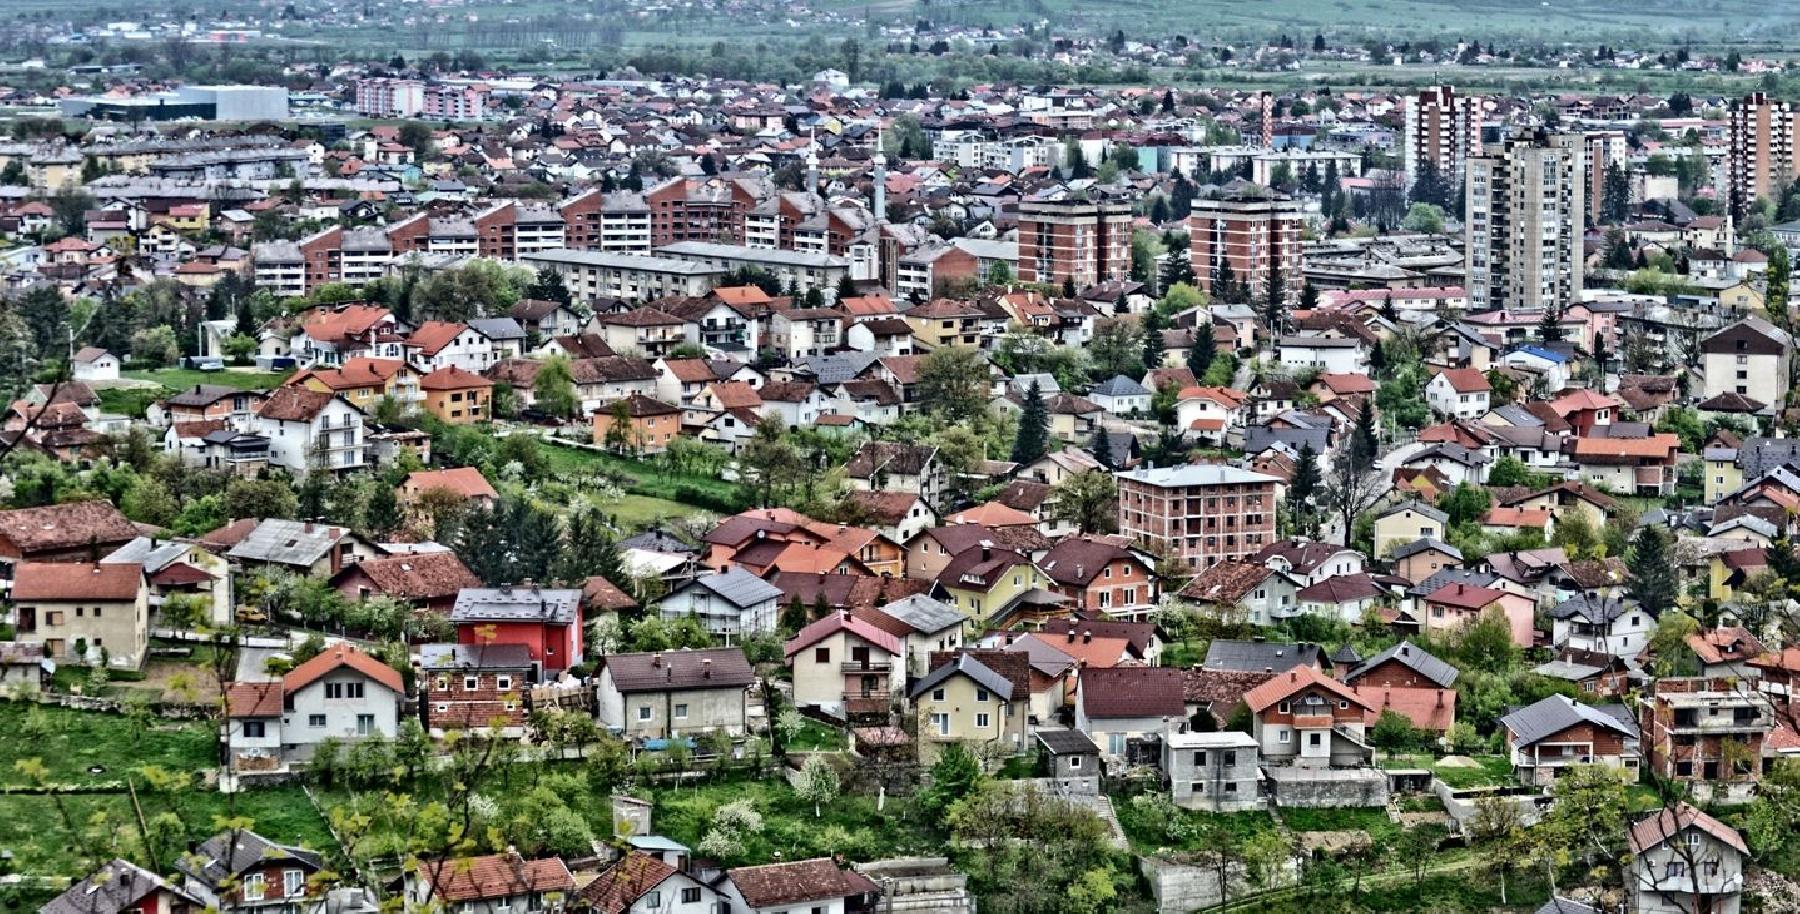 Od danas je on-line nova redizajnirana web stranica Grada Bihaća